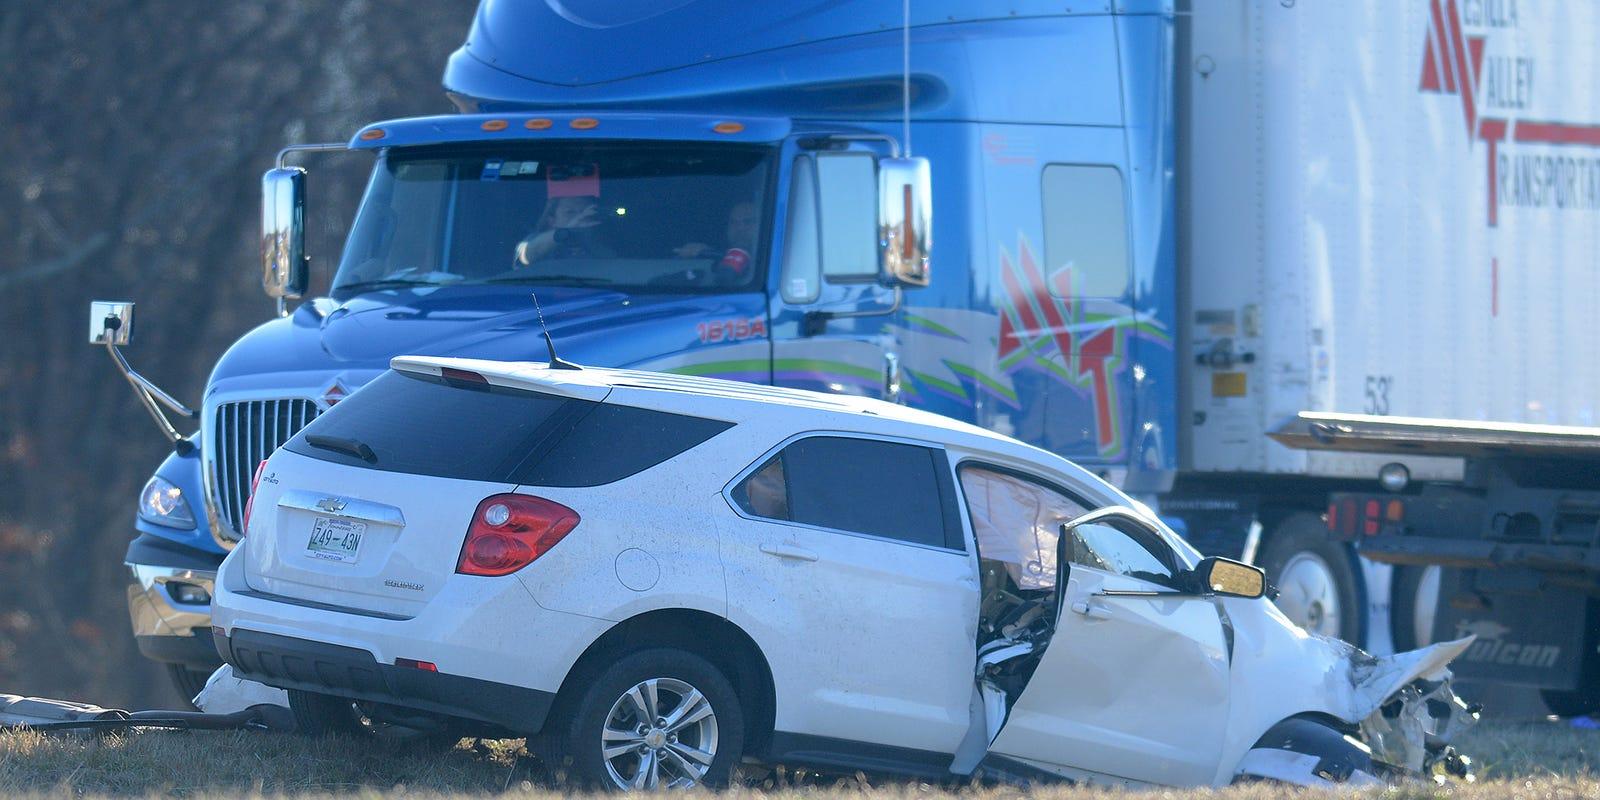 Fatal crash on I-40 east near mile marker 90